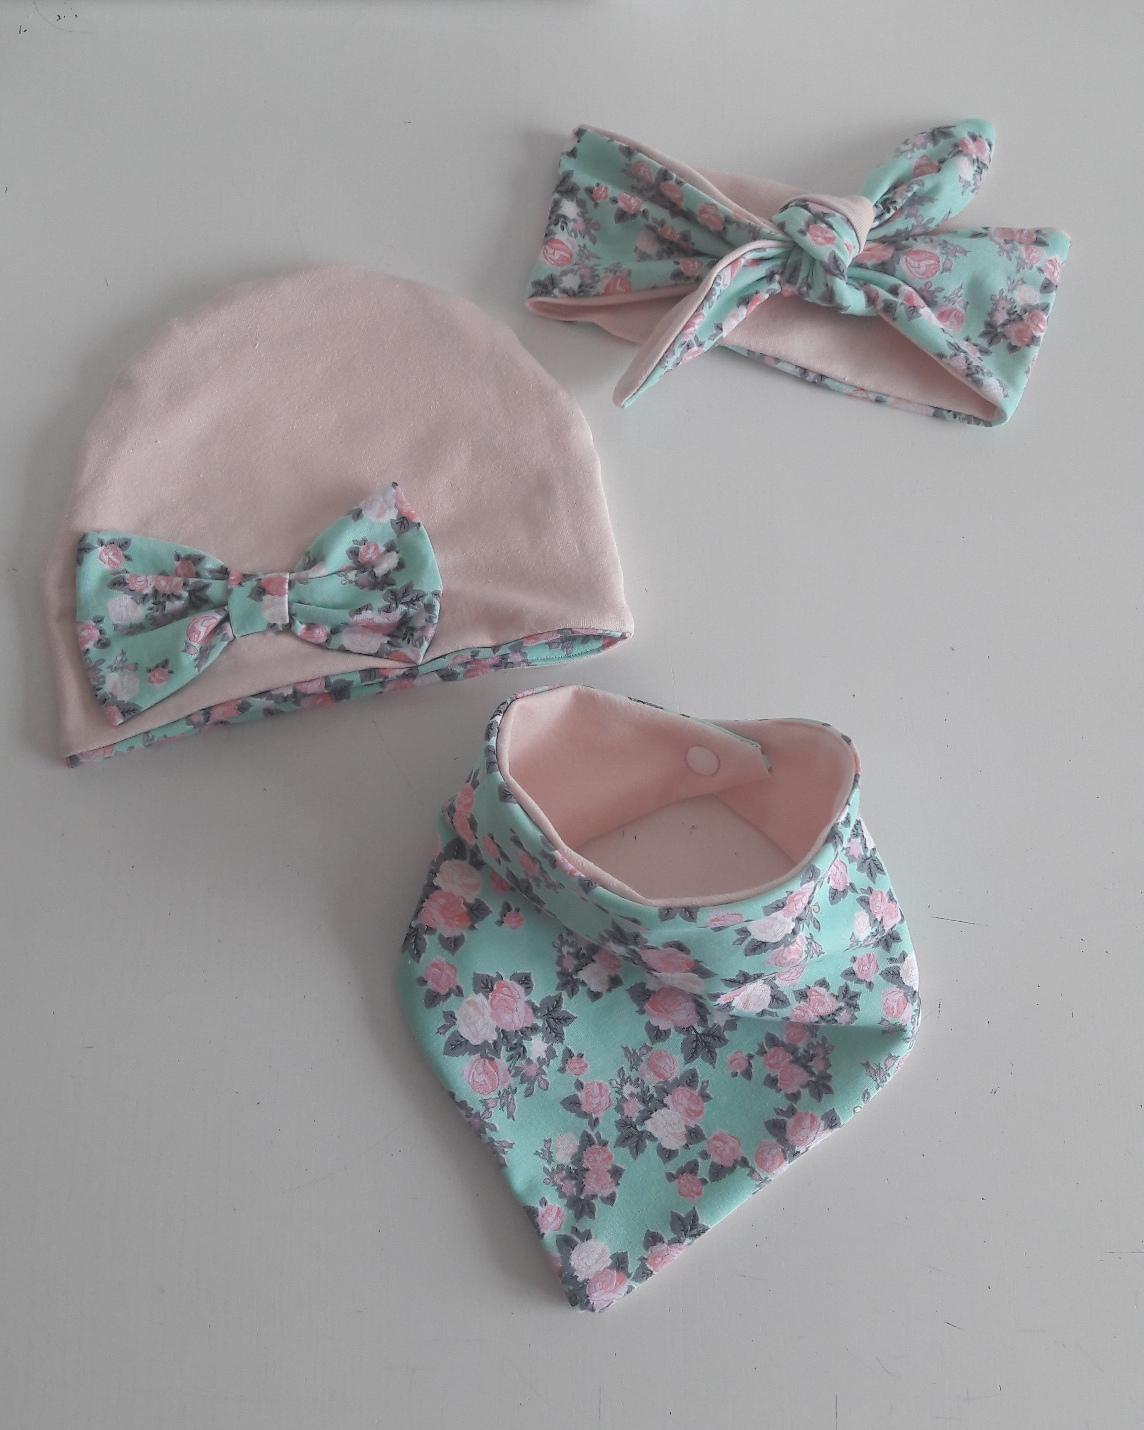 85d8a284ba9a42 Komplet wiosenny czapka chusta opaska pin up róże - 7177911117 ...